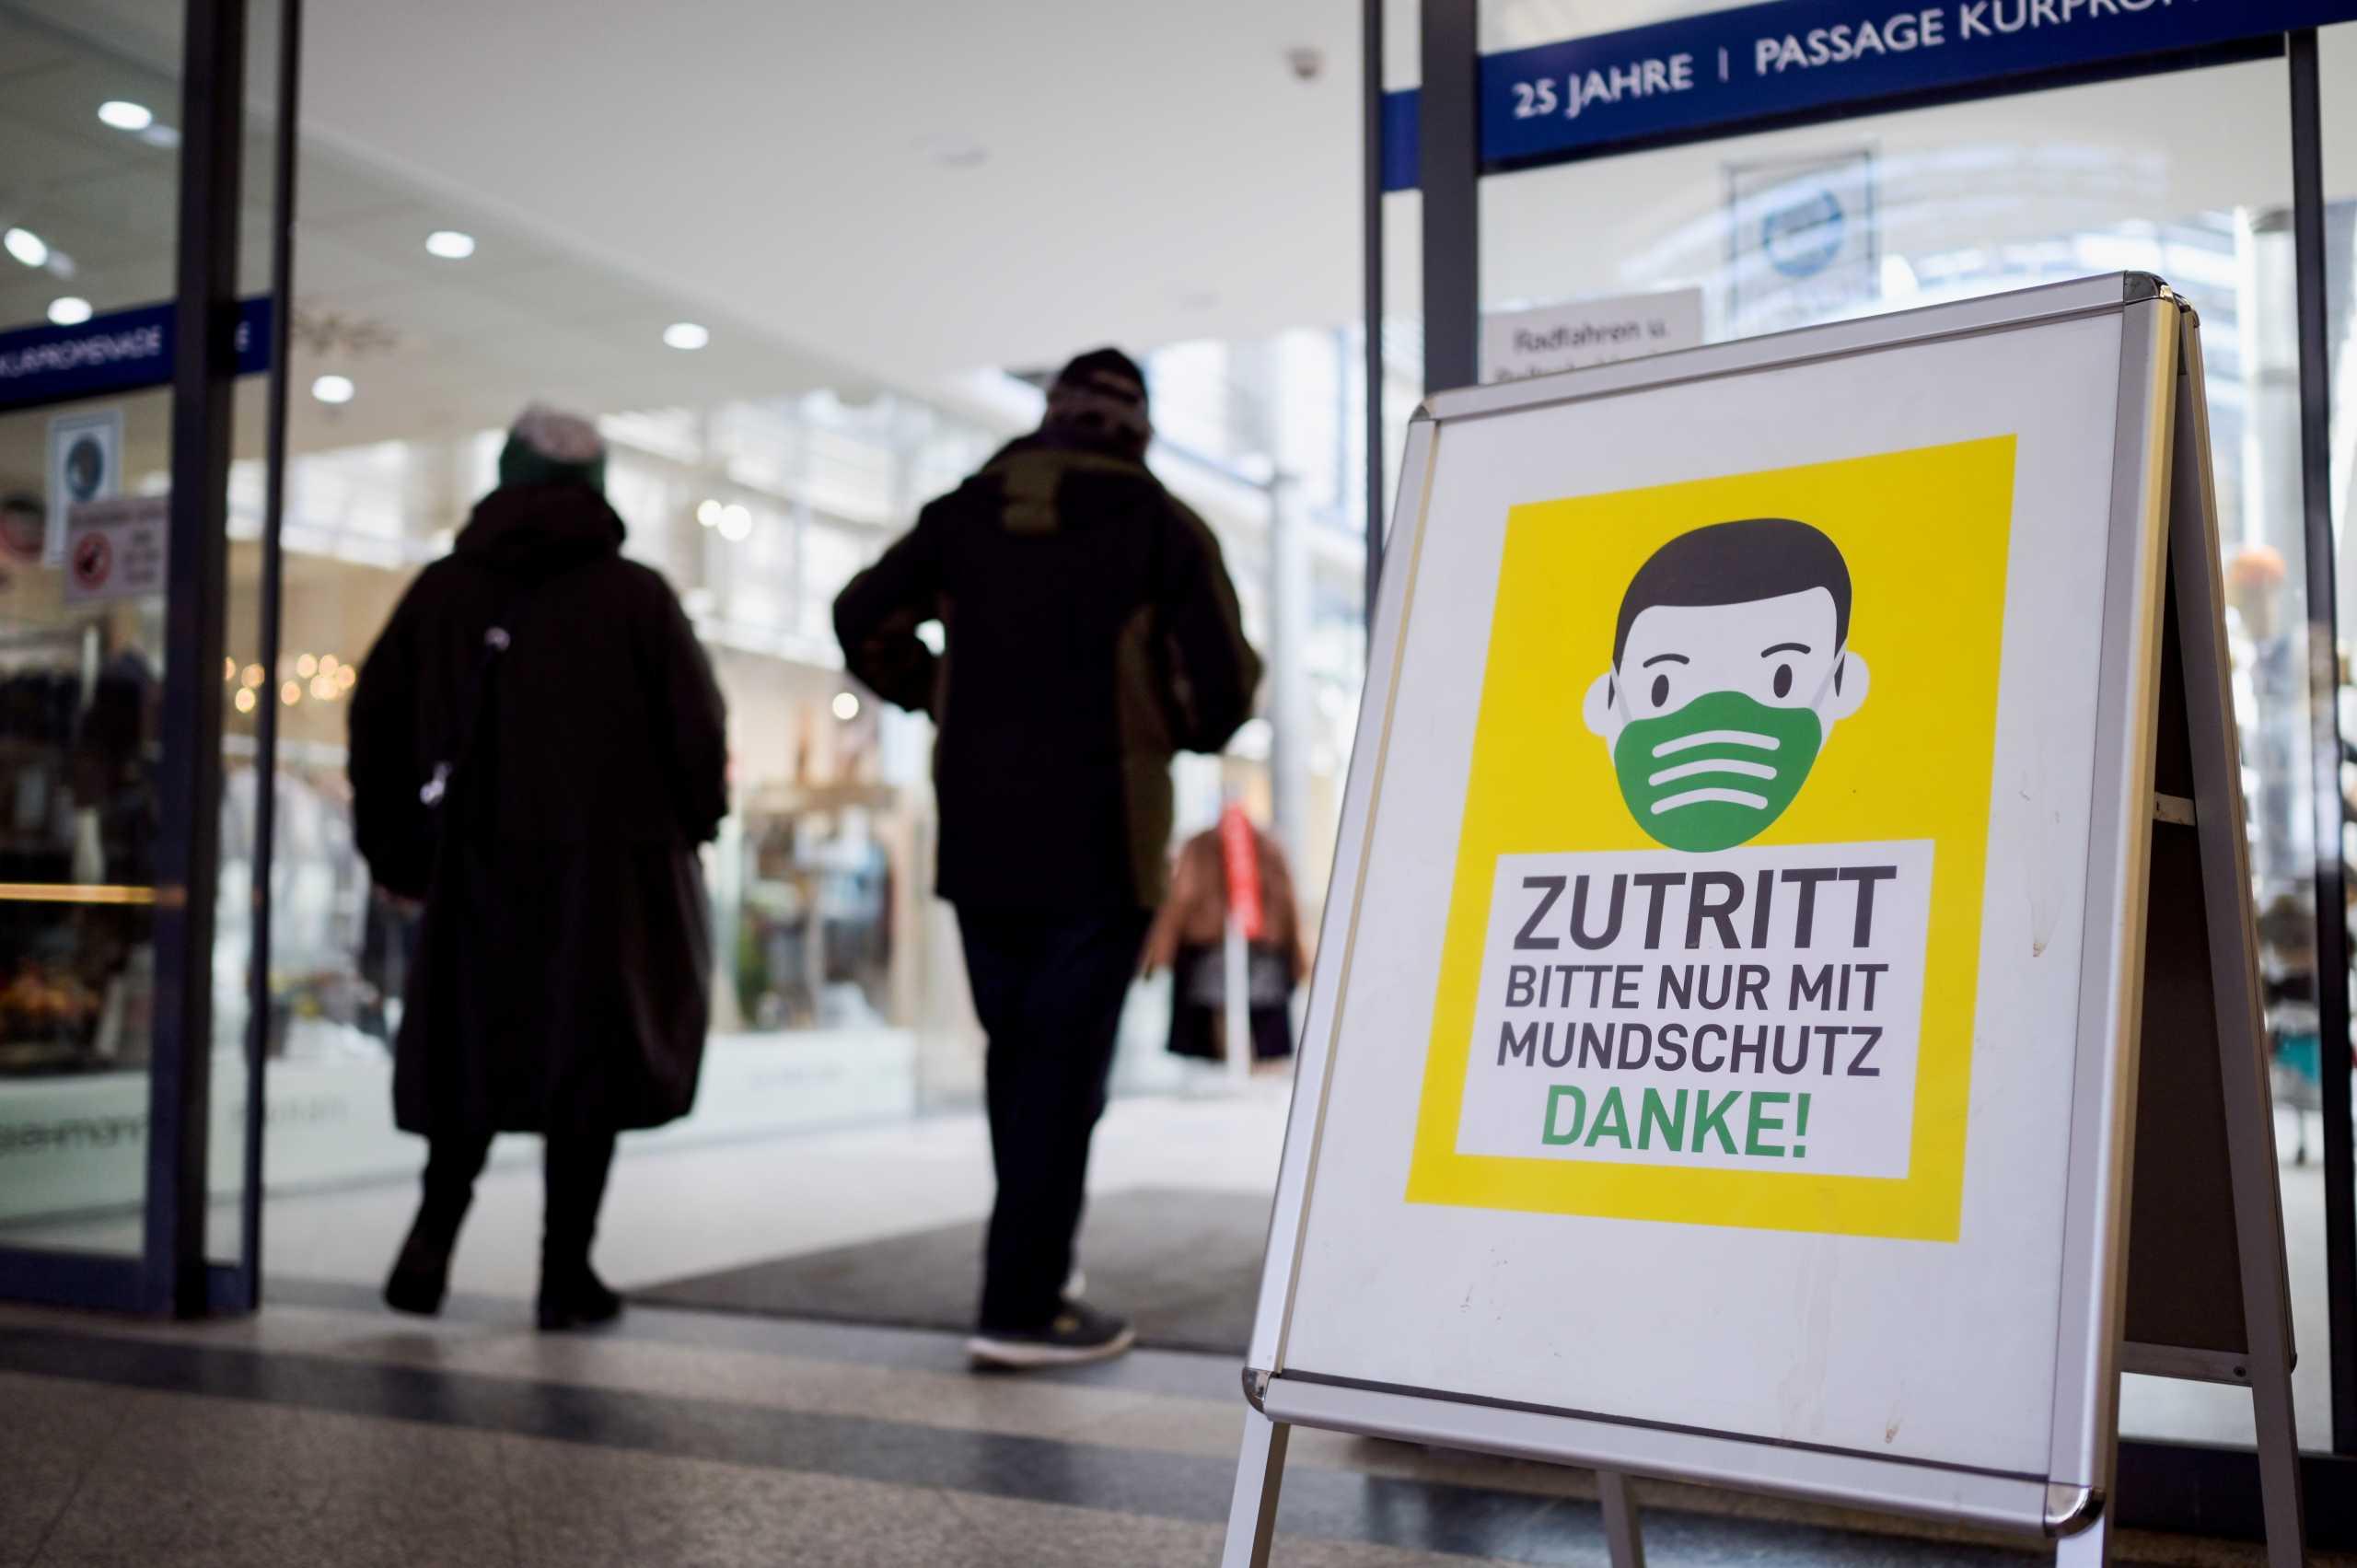 Σκάνδαλο στη Γερμανία με 40 βουλευτές για την προμήθεια προστατευτικών ειδών για τον κορονοϊό